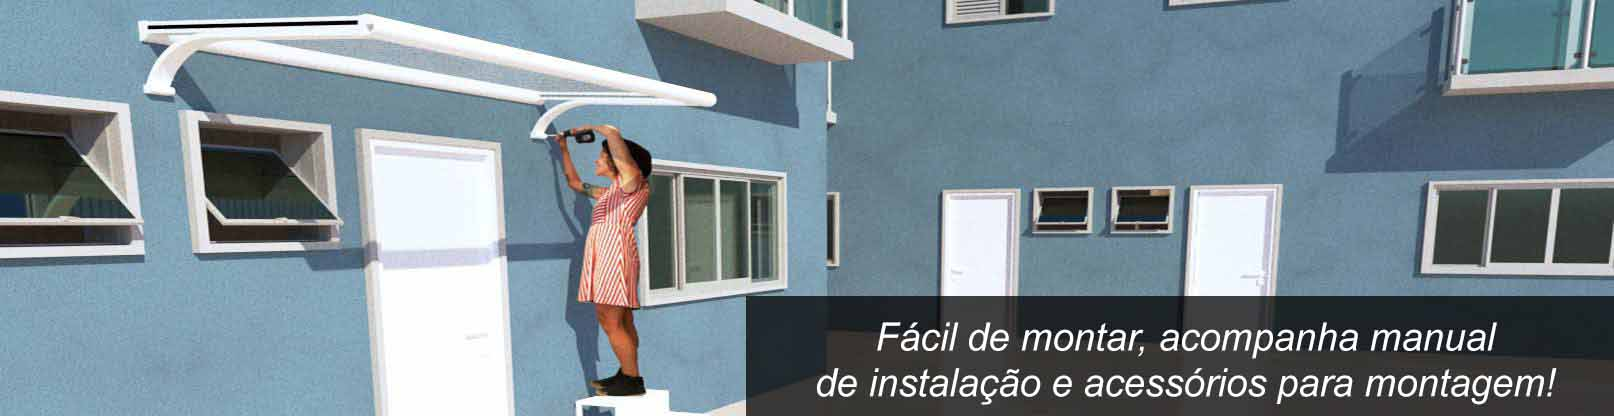 cobertoldos-toldo-porta-residencial